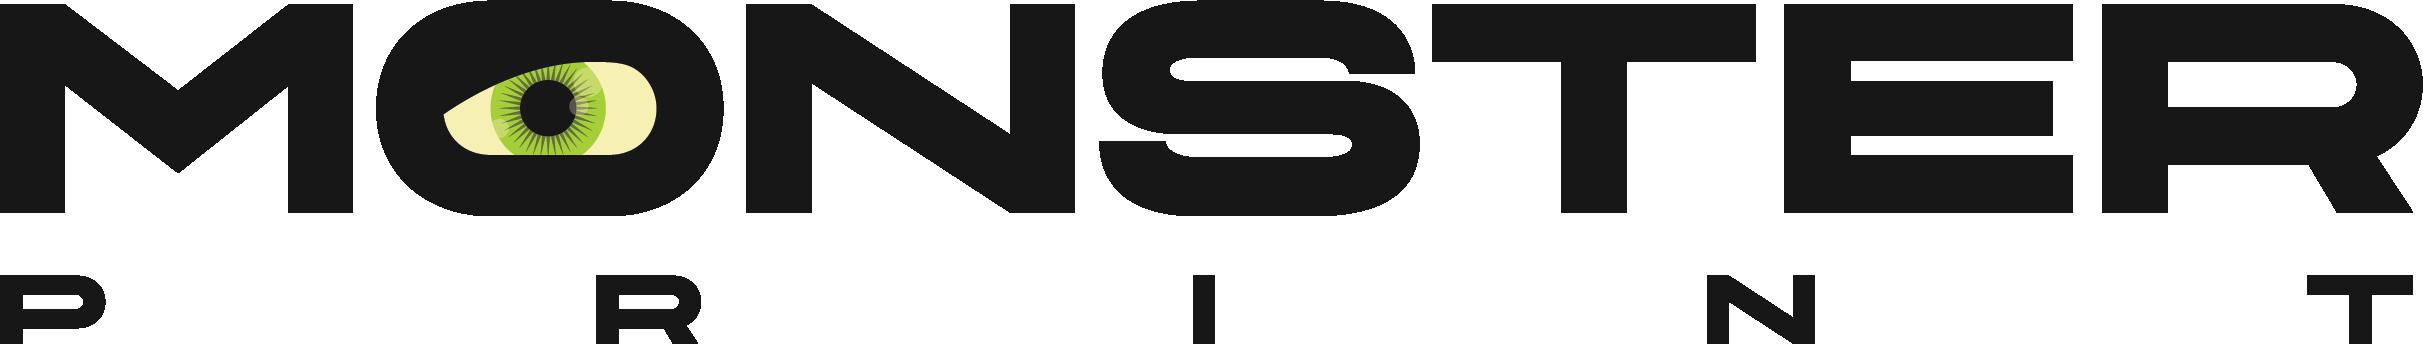 Monster Print logo